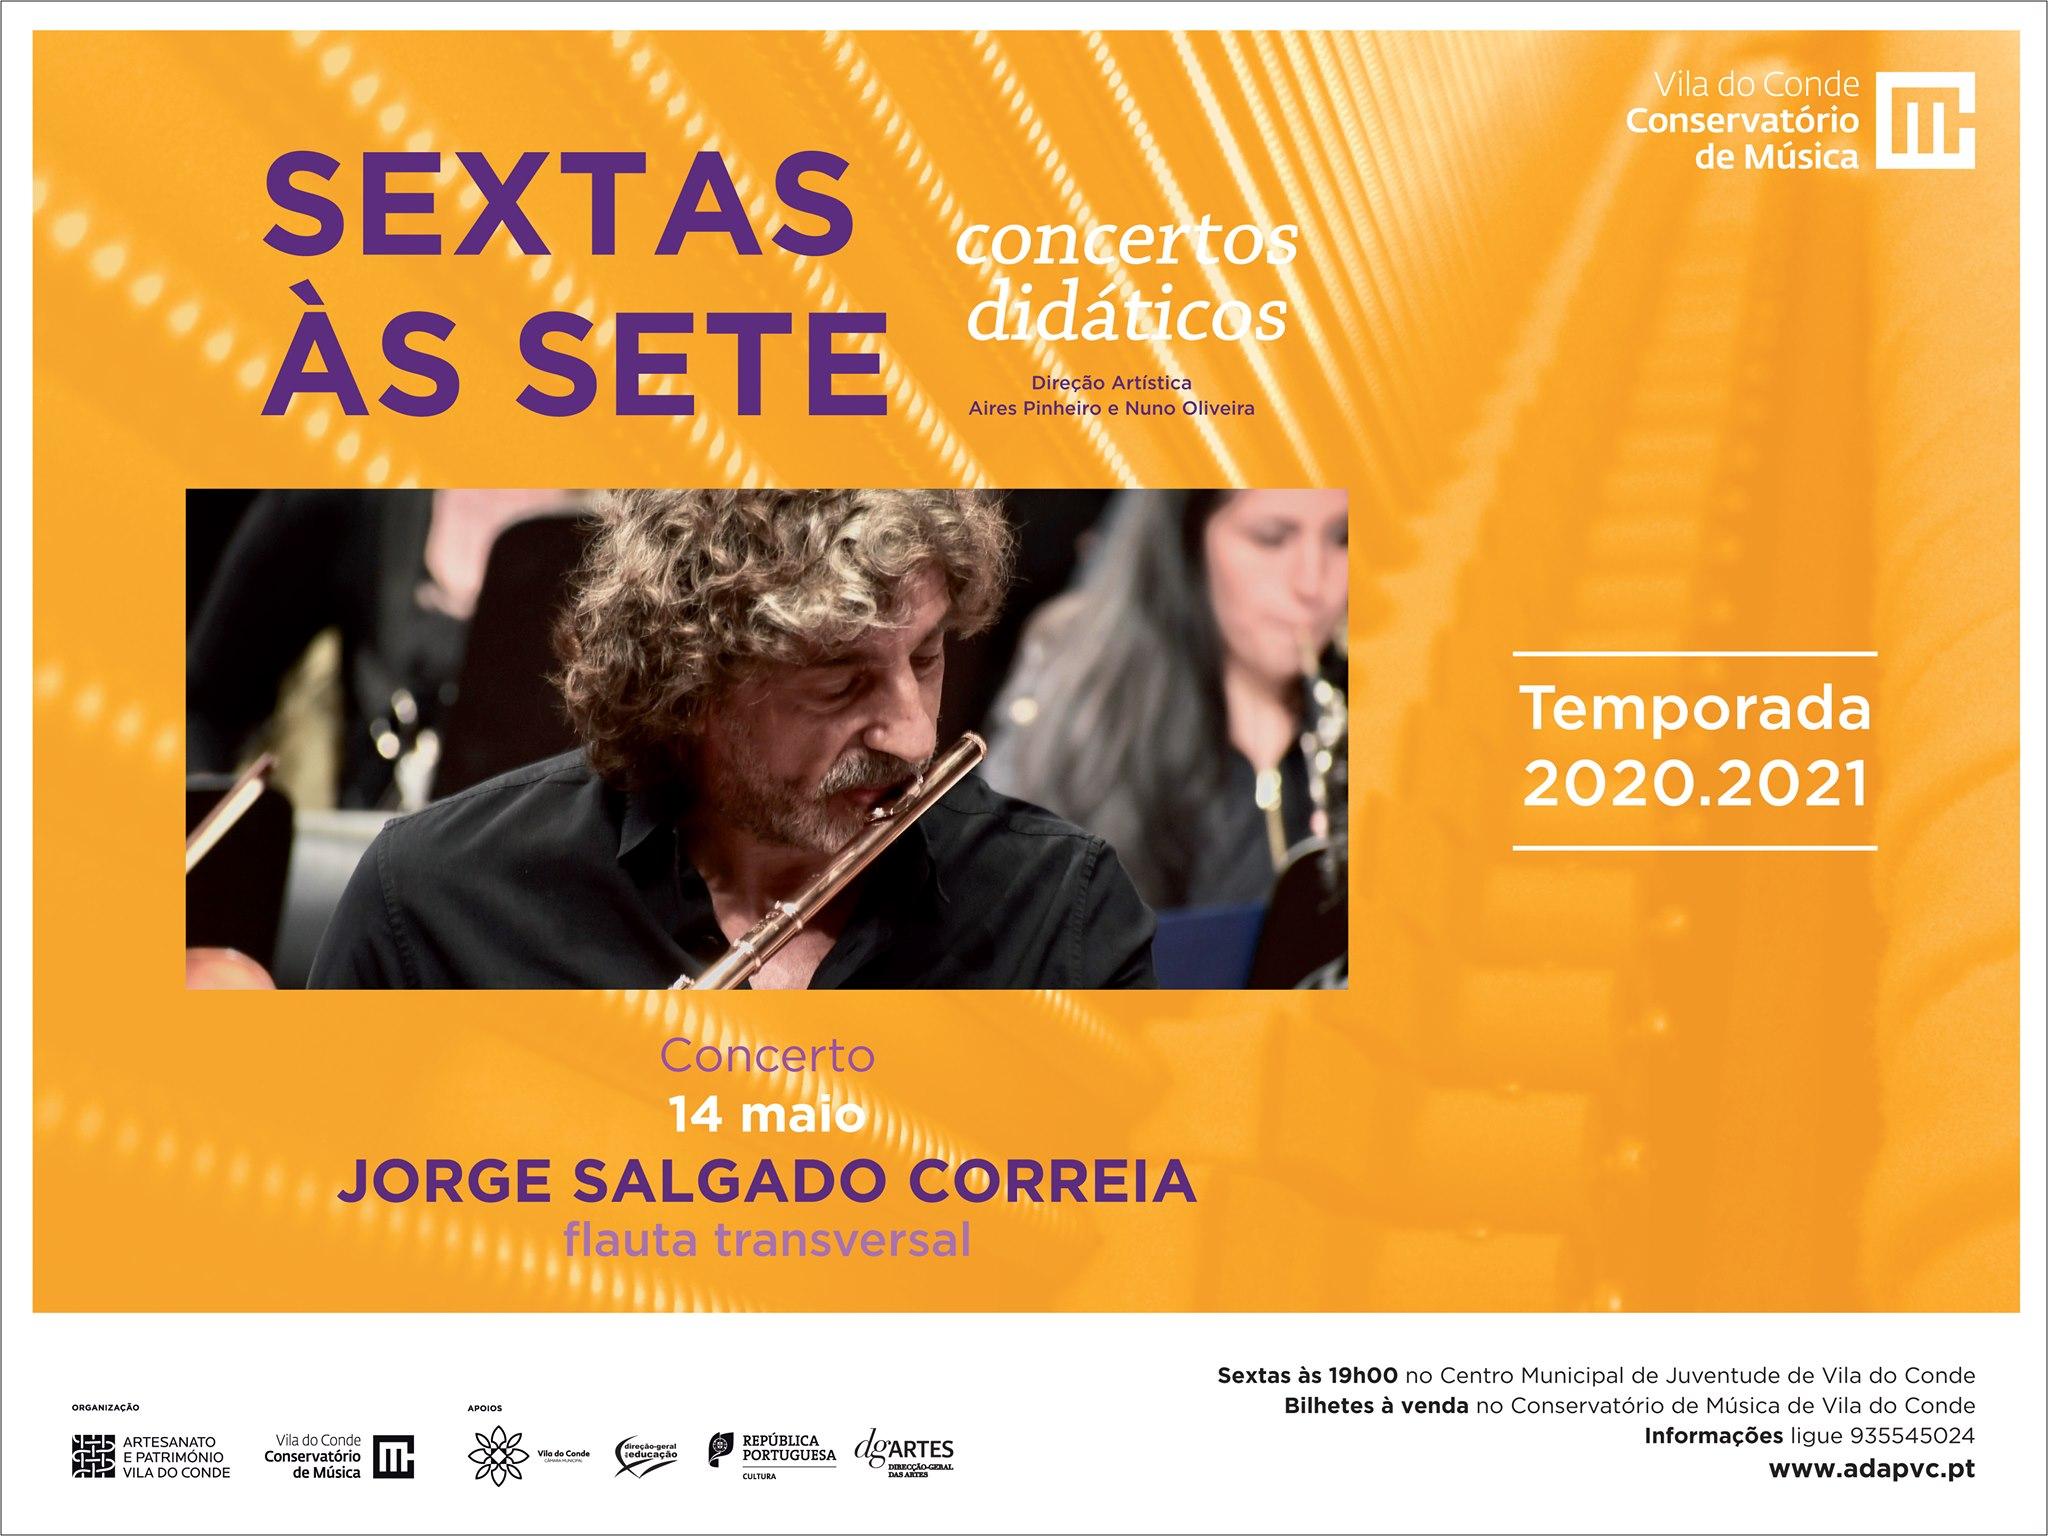 Jorge Salgado Correia - Flauta Transversal